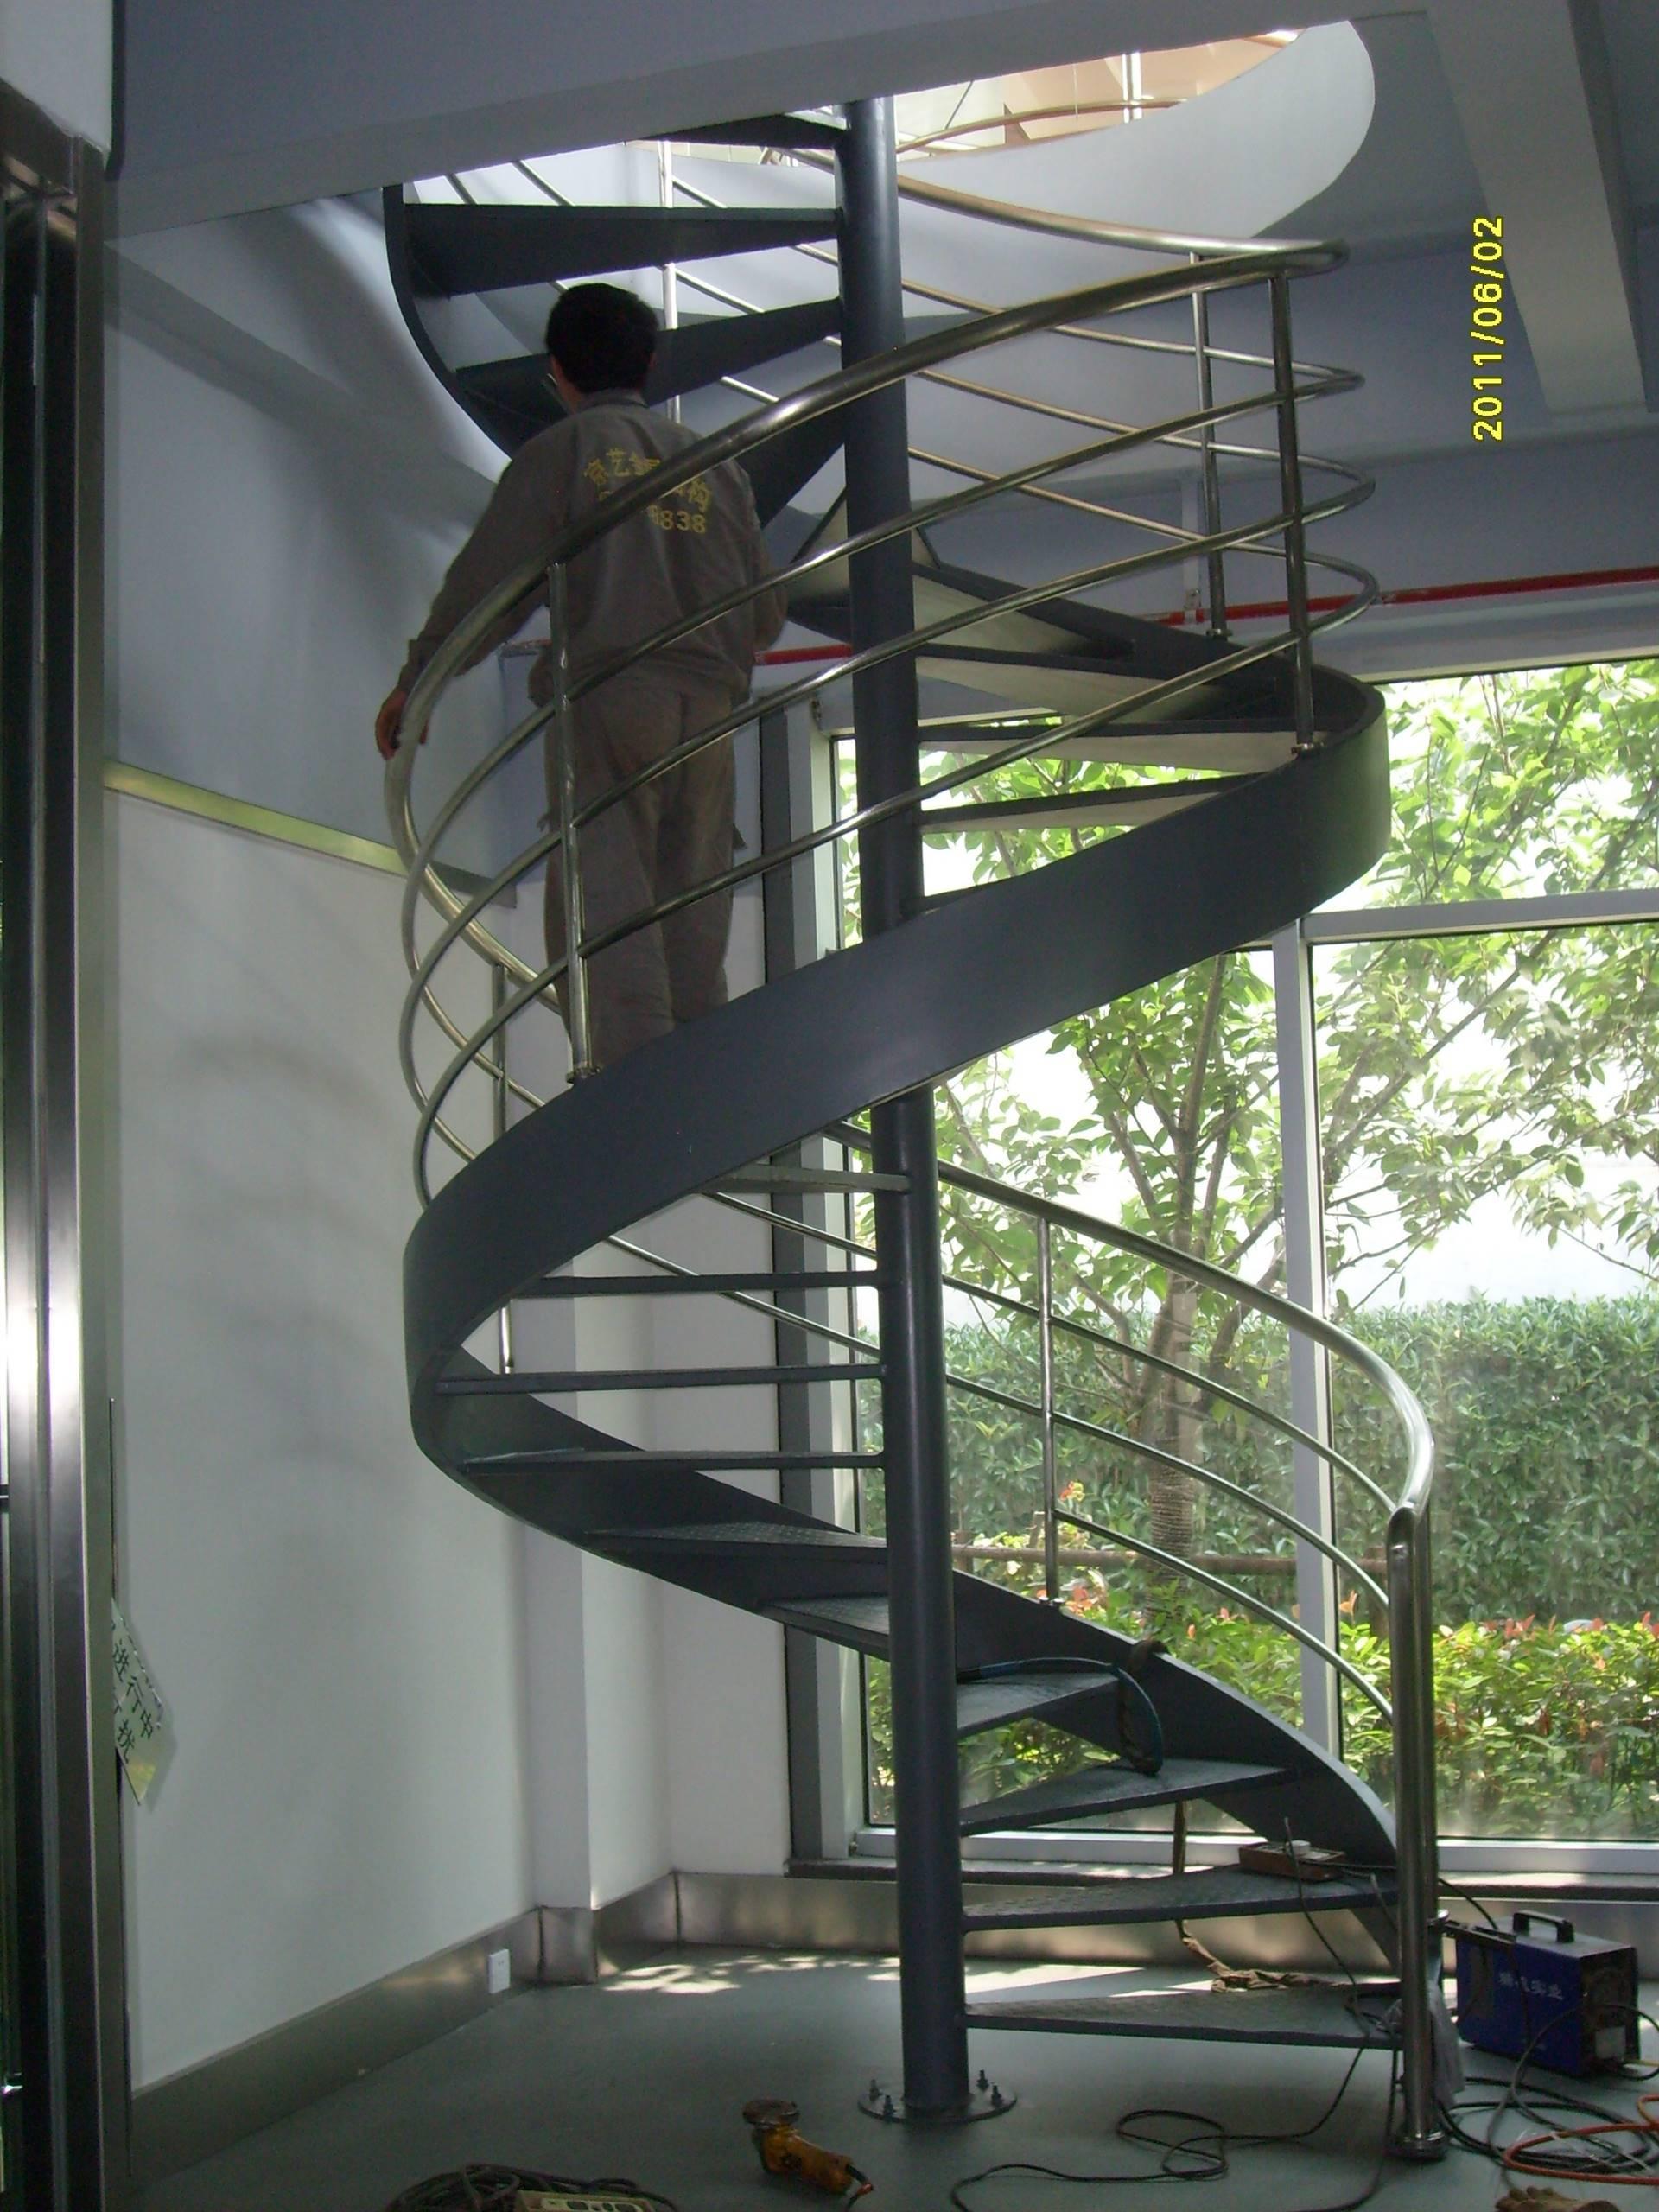 一、旋转楼梯高档产品工艺: 材质选用: 依据国家相关规范对建筑金属结构件材料性能规定以及技术图纸的个案要求,充分考虑金属材料性能对结构的绝对影响度而选用合适匹配的型板材。一般结构,选用国标Q-235A级钢或国标Q-345B级钢,钢材焊接性良好,经济型、切削性能好,易加工,适合大中型结构或者一般钢结构,以及金属建筑造型。  楼梯焊接工艺: 工厂化焊接,焊接机器一律采用二氧化碳气体保护焊或脉冲直流弧焊机,焊接工艺参数由工厂车间主控技师校准,并严格执行既定工艺要求,重点结构以及薄弱节点设计结构保障措施,焊缝